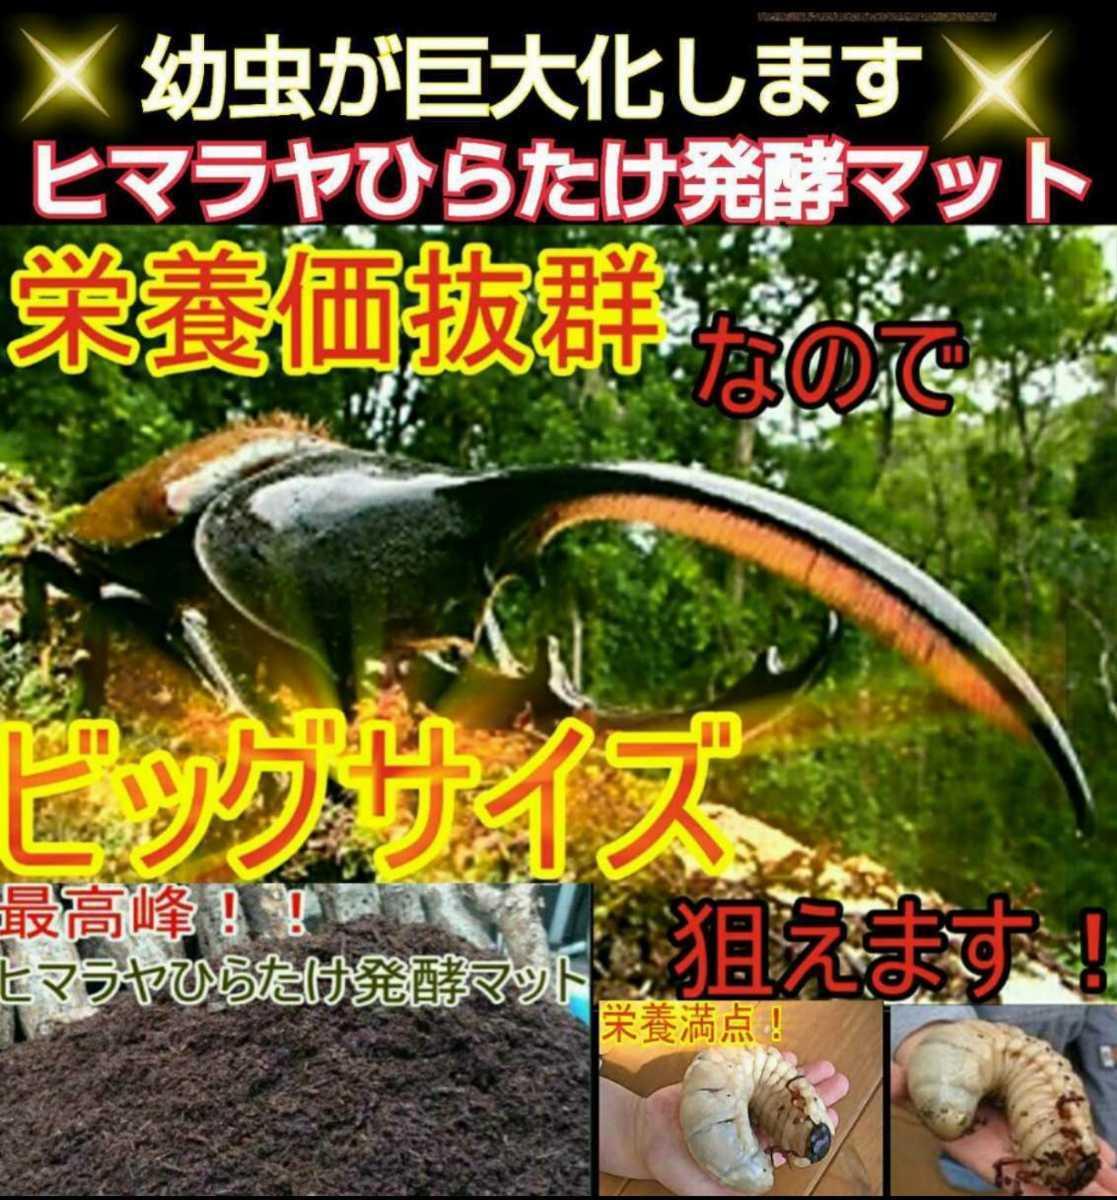 幼虫がビッグサイズになります!ヒマラヤひらたけ菌床発酵マット!栄養価抜群!クヌギ100%原料 幼虫の餌、産卵マットにも抜群の実績あり!_画像4